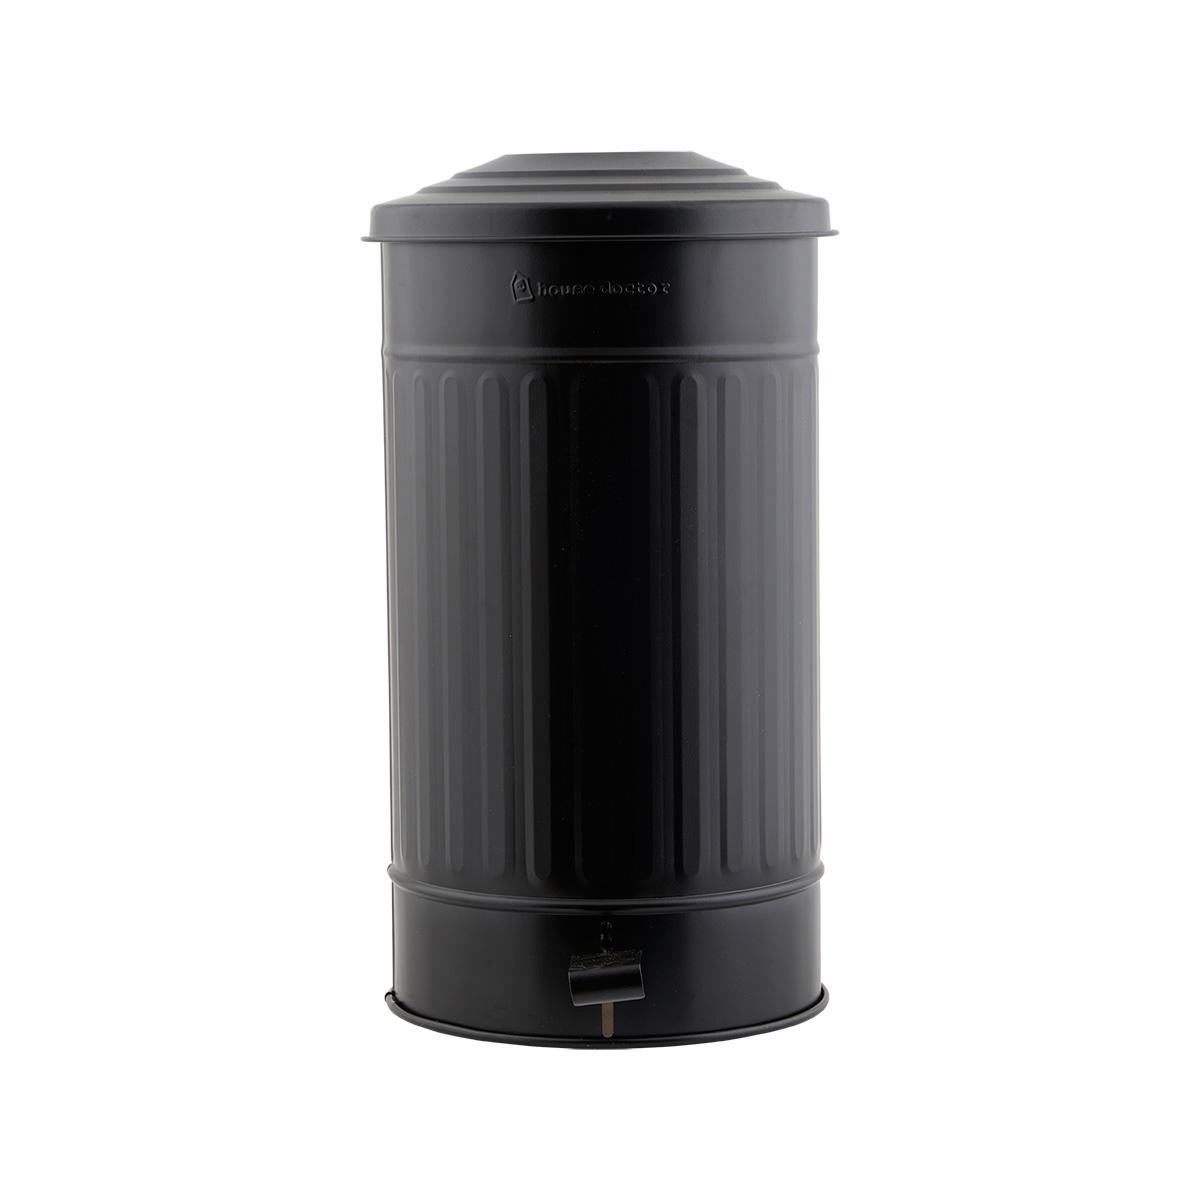 House doctor affaldsspand - mat sort jern, m. låg, høj (ø 25,5) fra house doctor på boboonline.dk